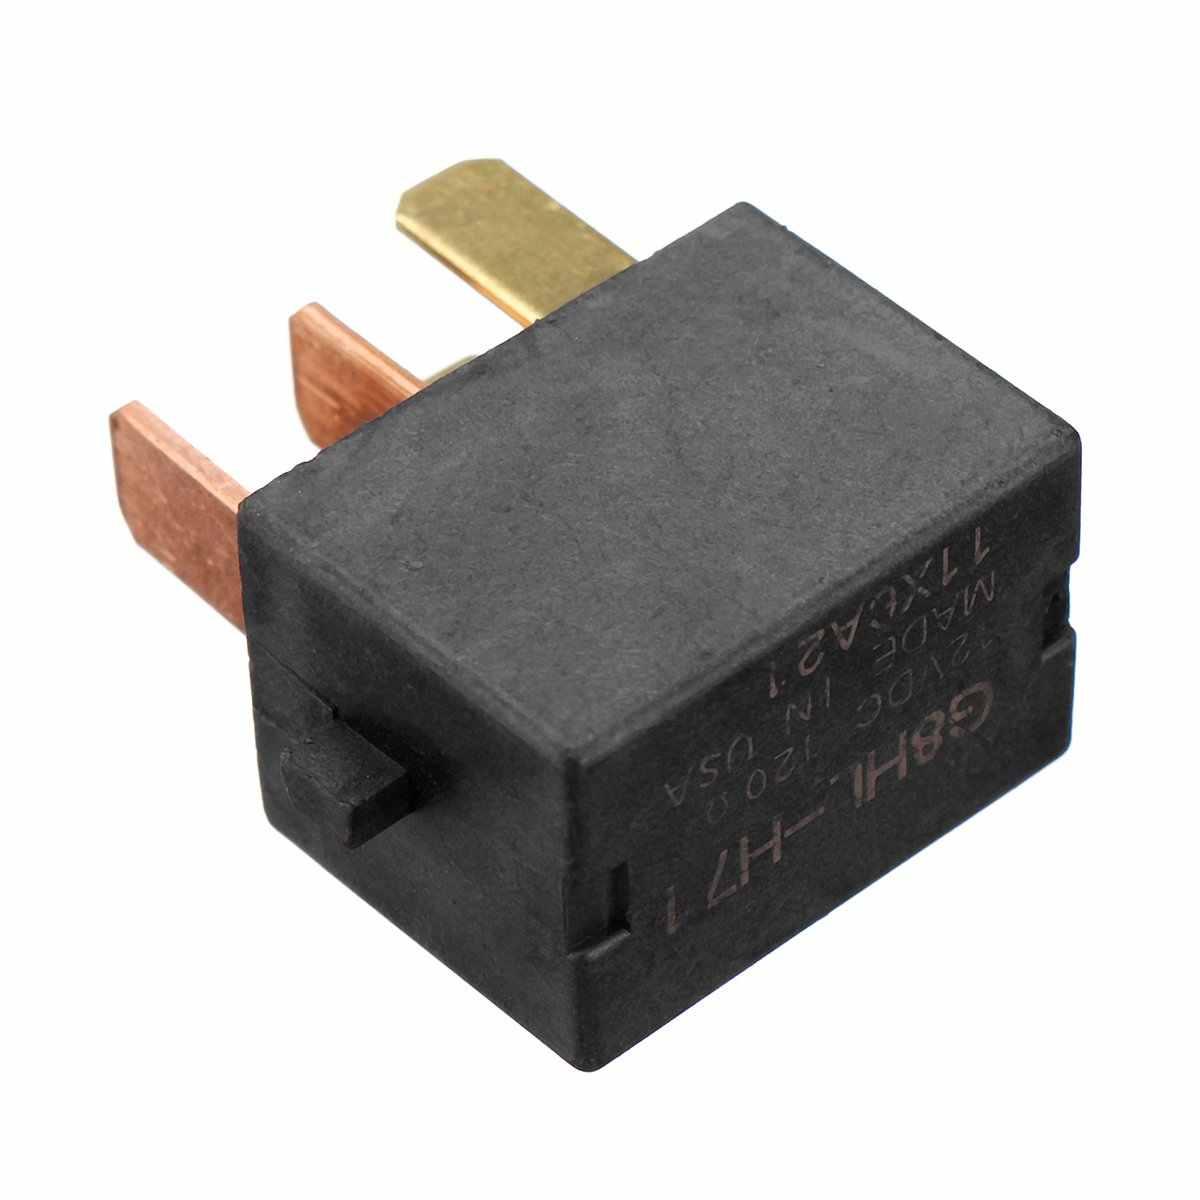 1 أو 2 قطع 39794-SDA-A05 39794-SDA-A03 ضاغط الطاقة تتابع الجمعية ل أكورا TL لهوندا أكورد سيفيك فتيل تتابع 12VDC